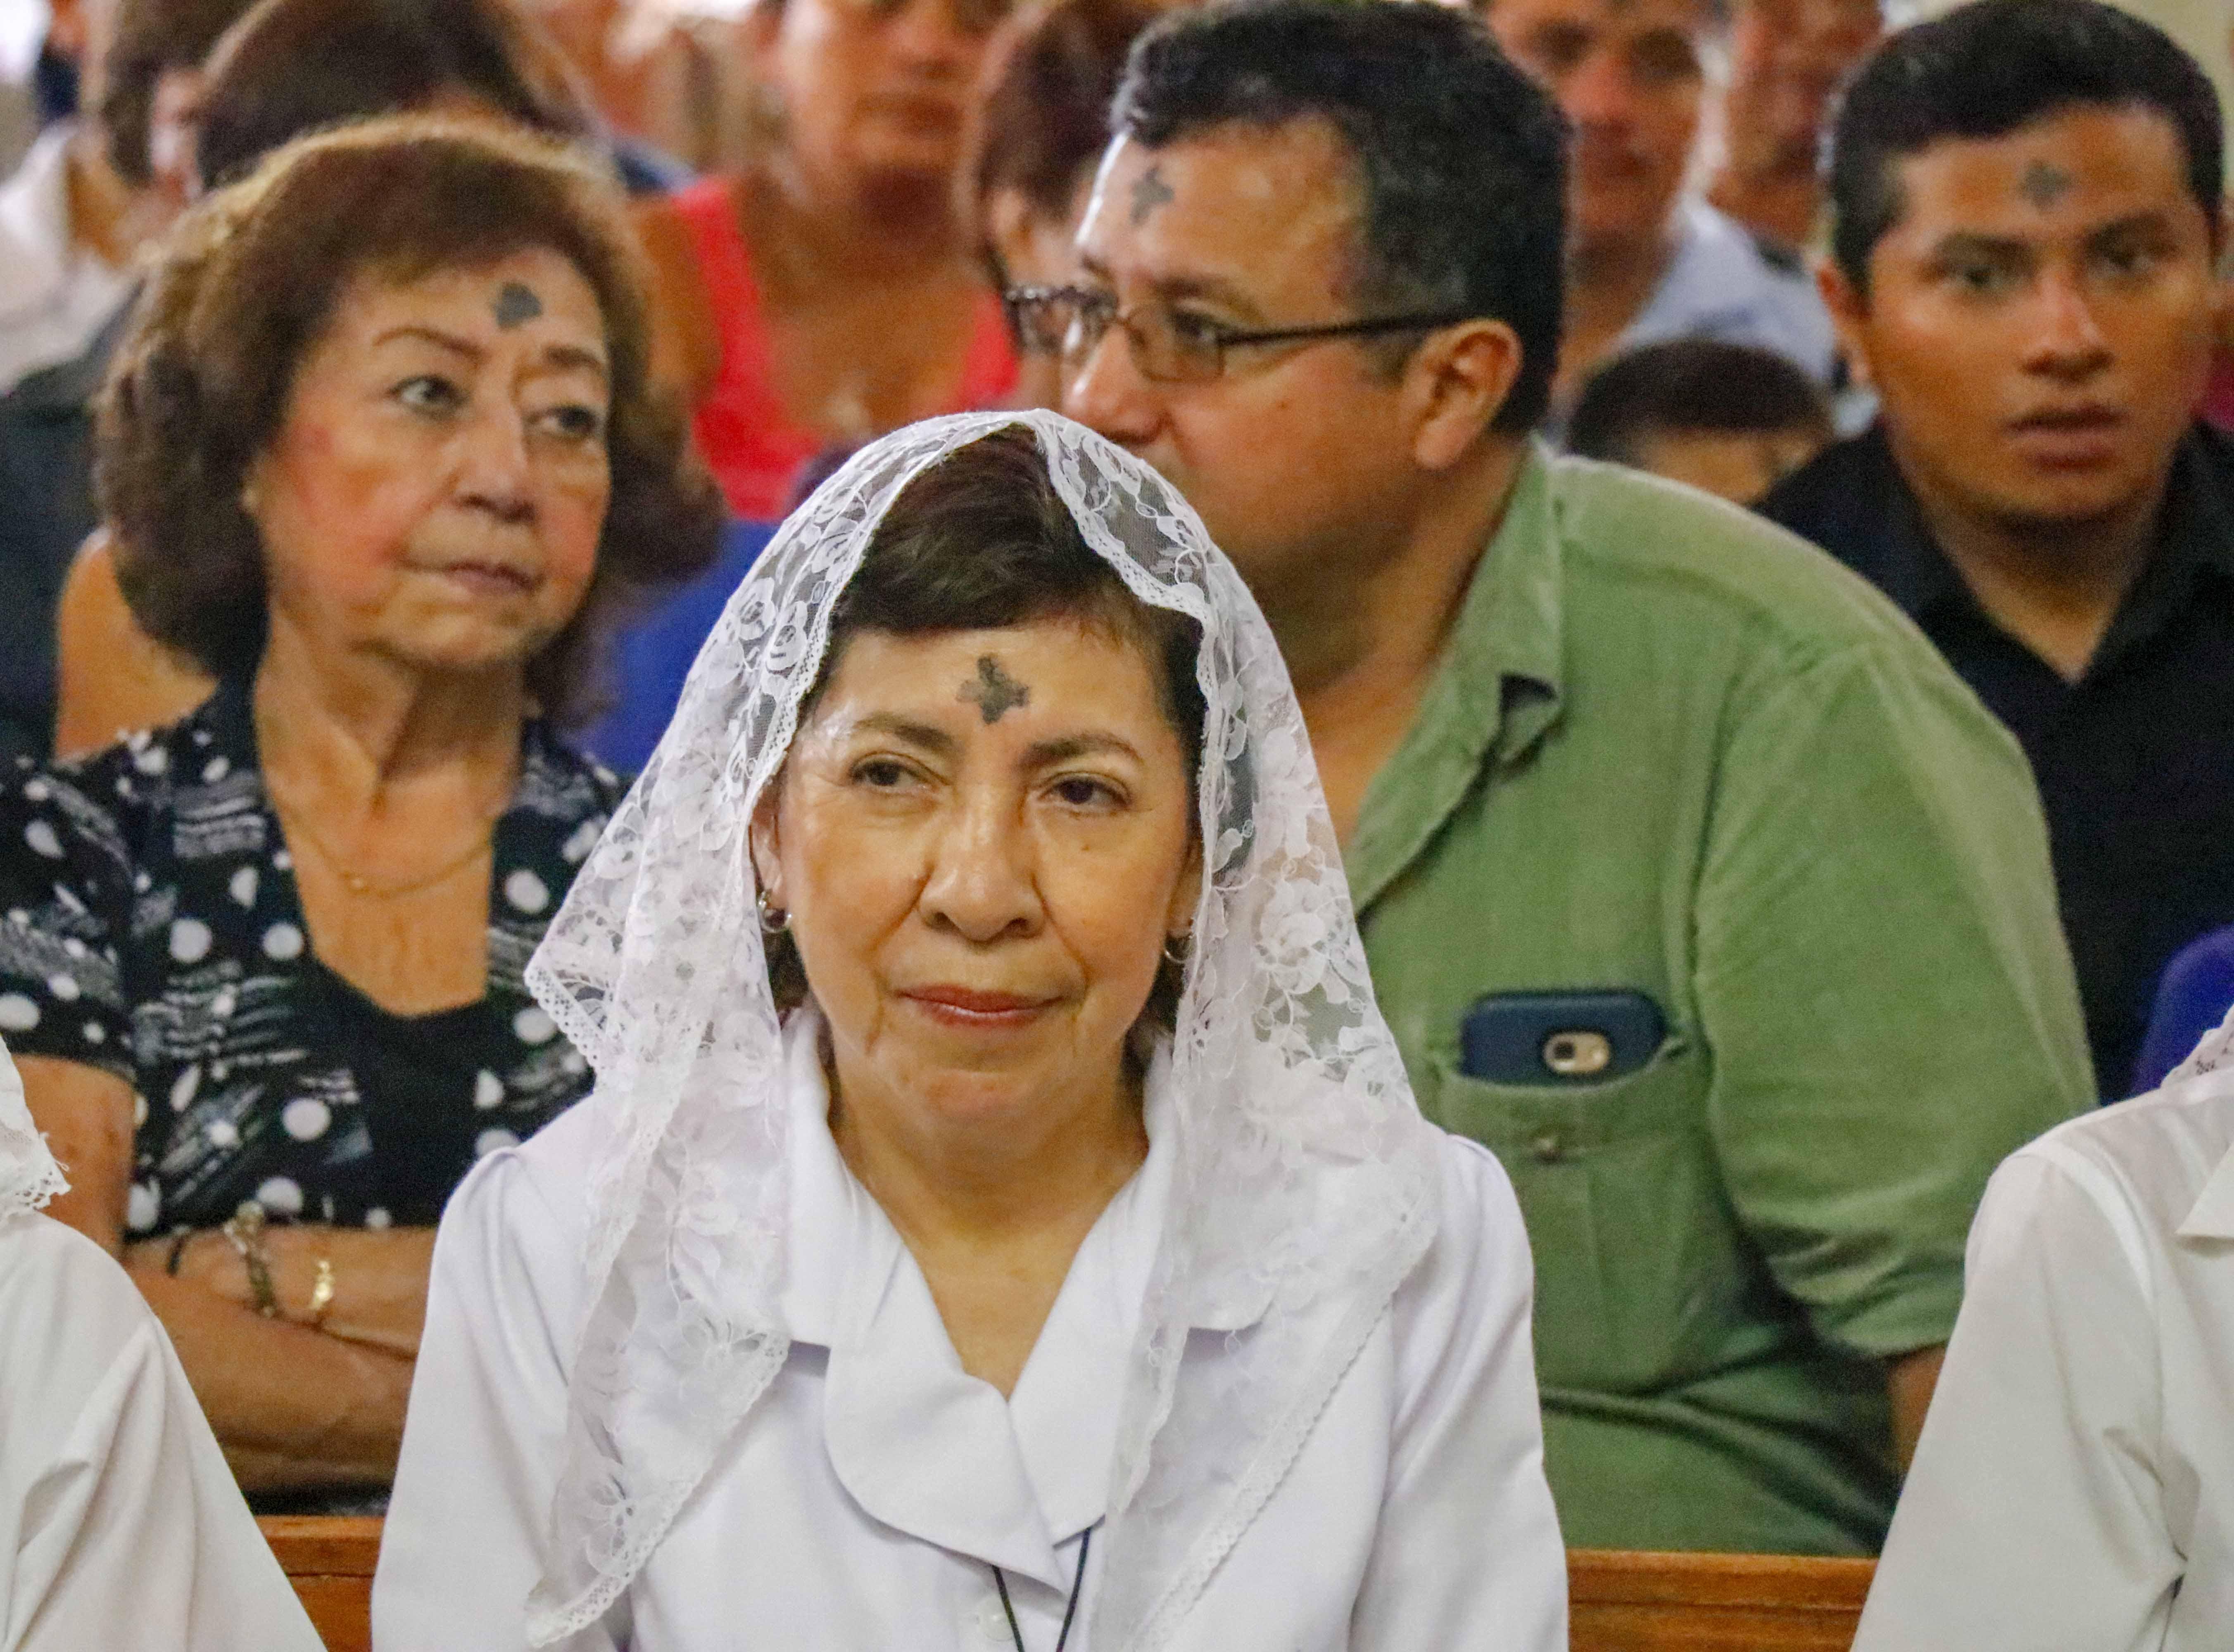 El símbolo de la cruz en la frente marca el compromiso con la iglesia y la reafirmación de la fe. (Foto Prensa Libre: Rolando Miranda.)